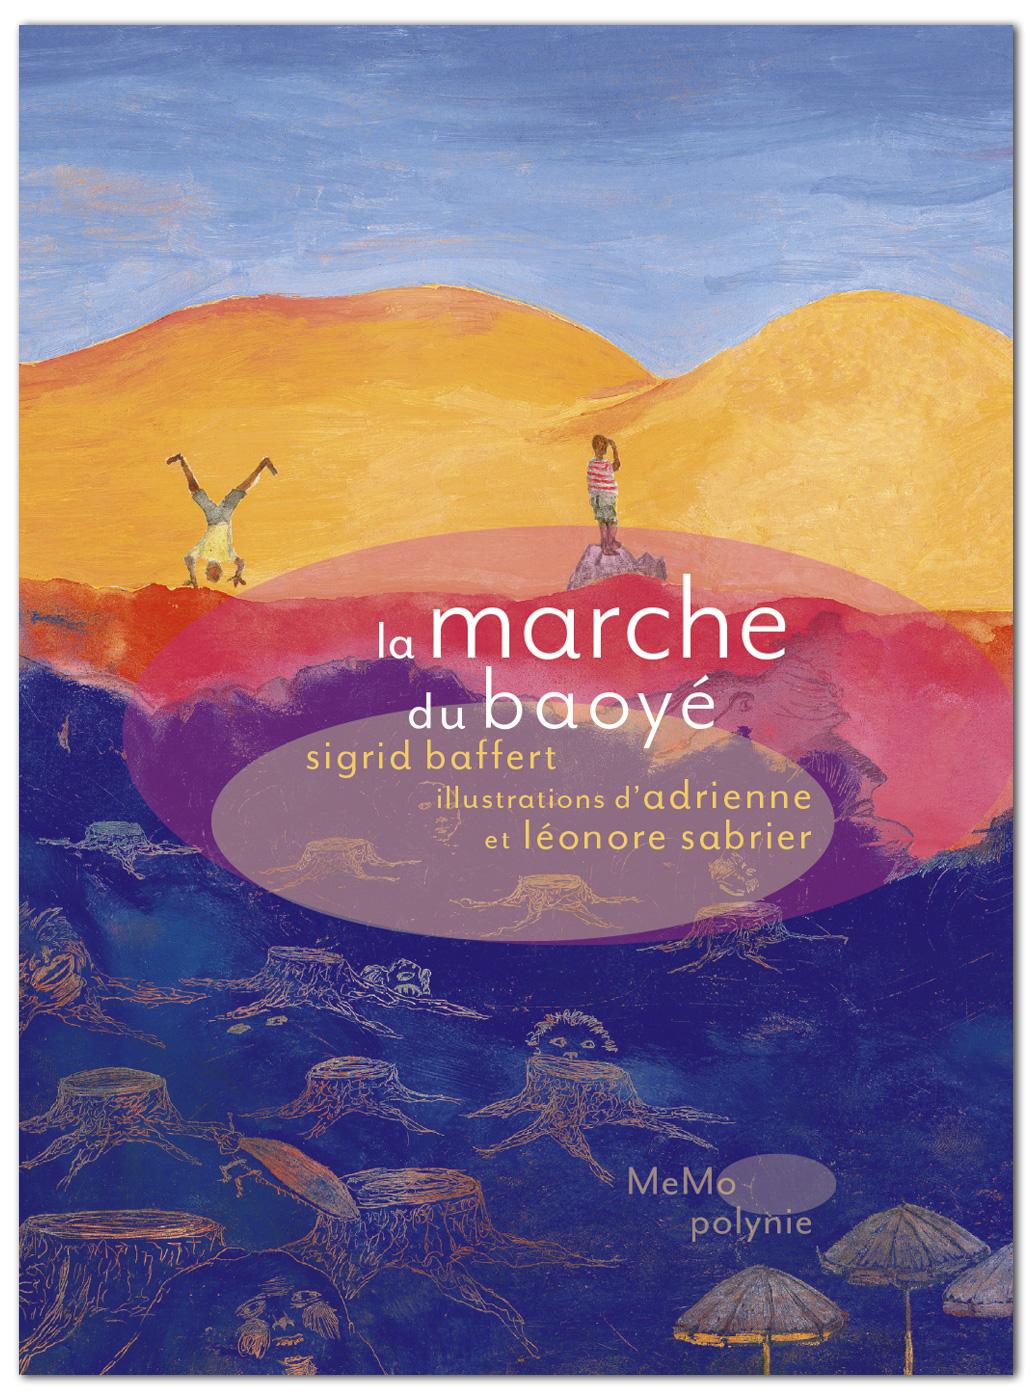 La marche du baoyé